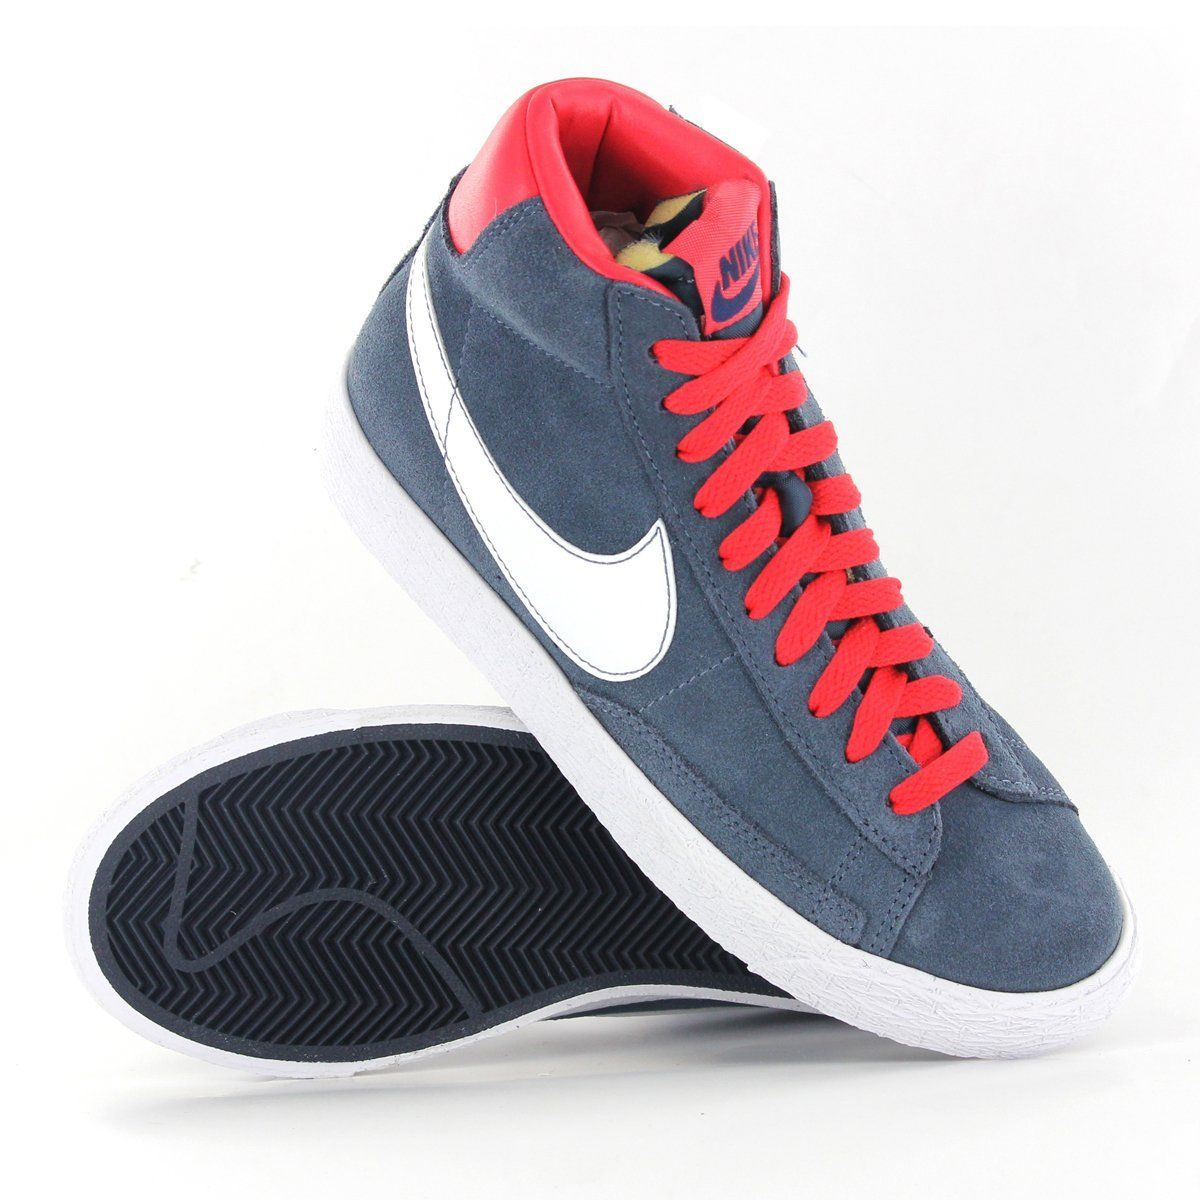 Amazon Uk Tennis Shoes